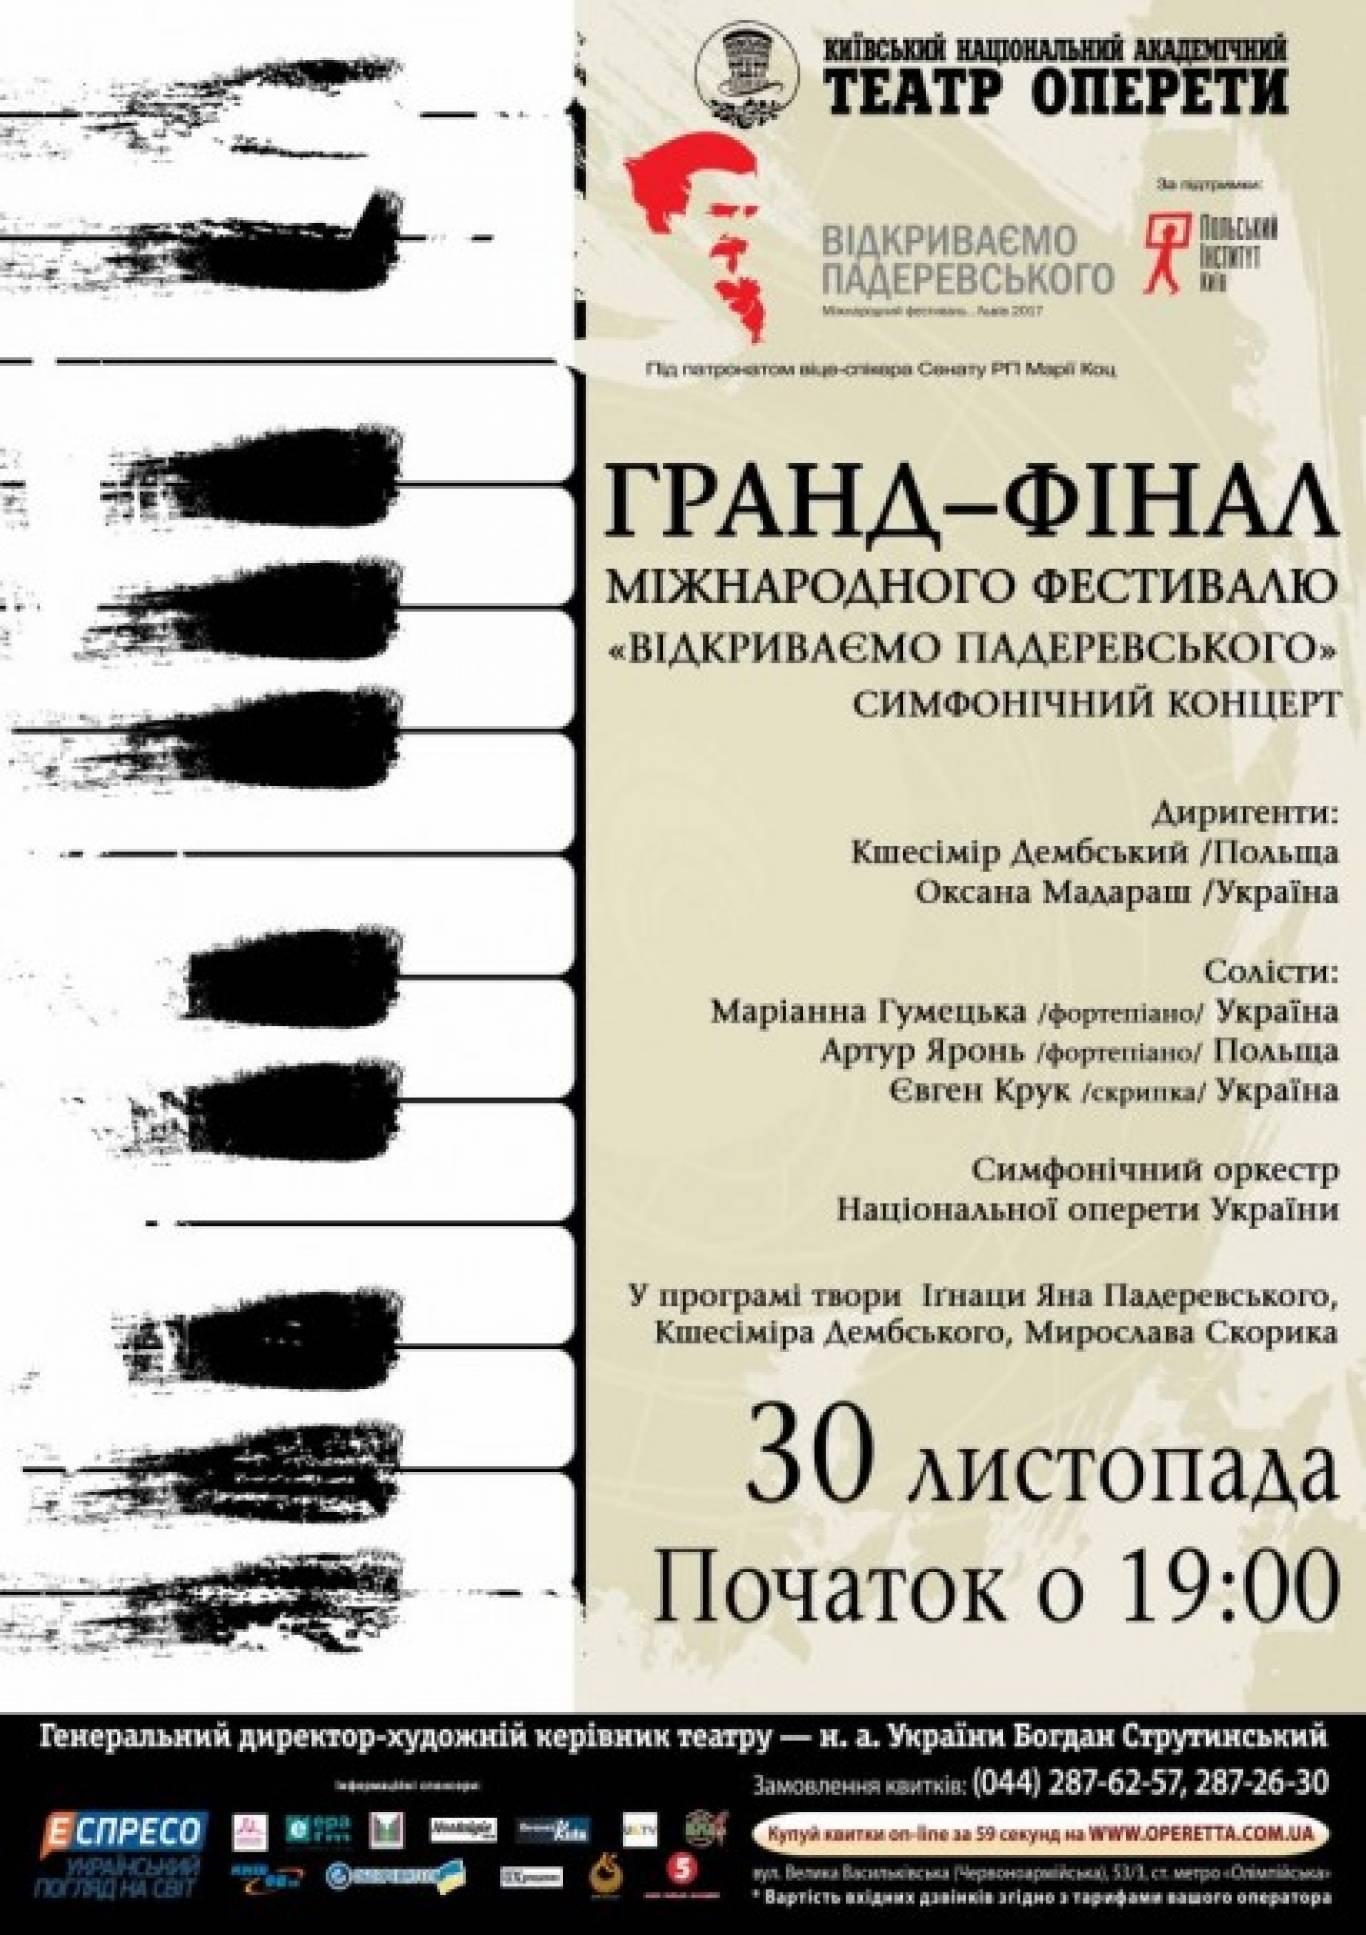 Симфонічний концерт в Національній опереті України